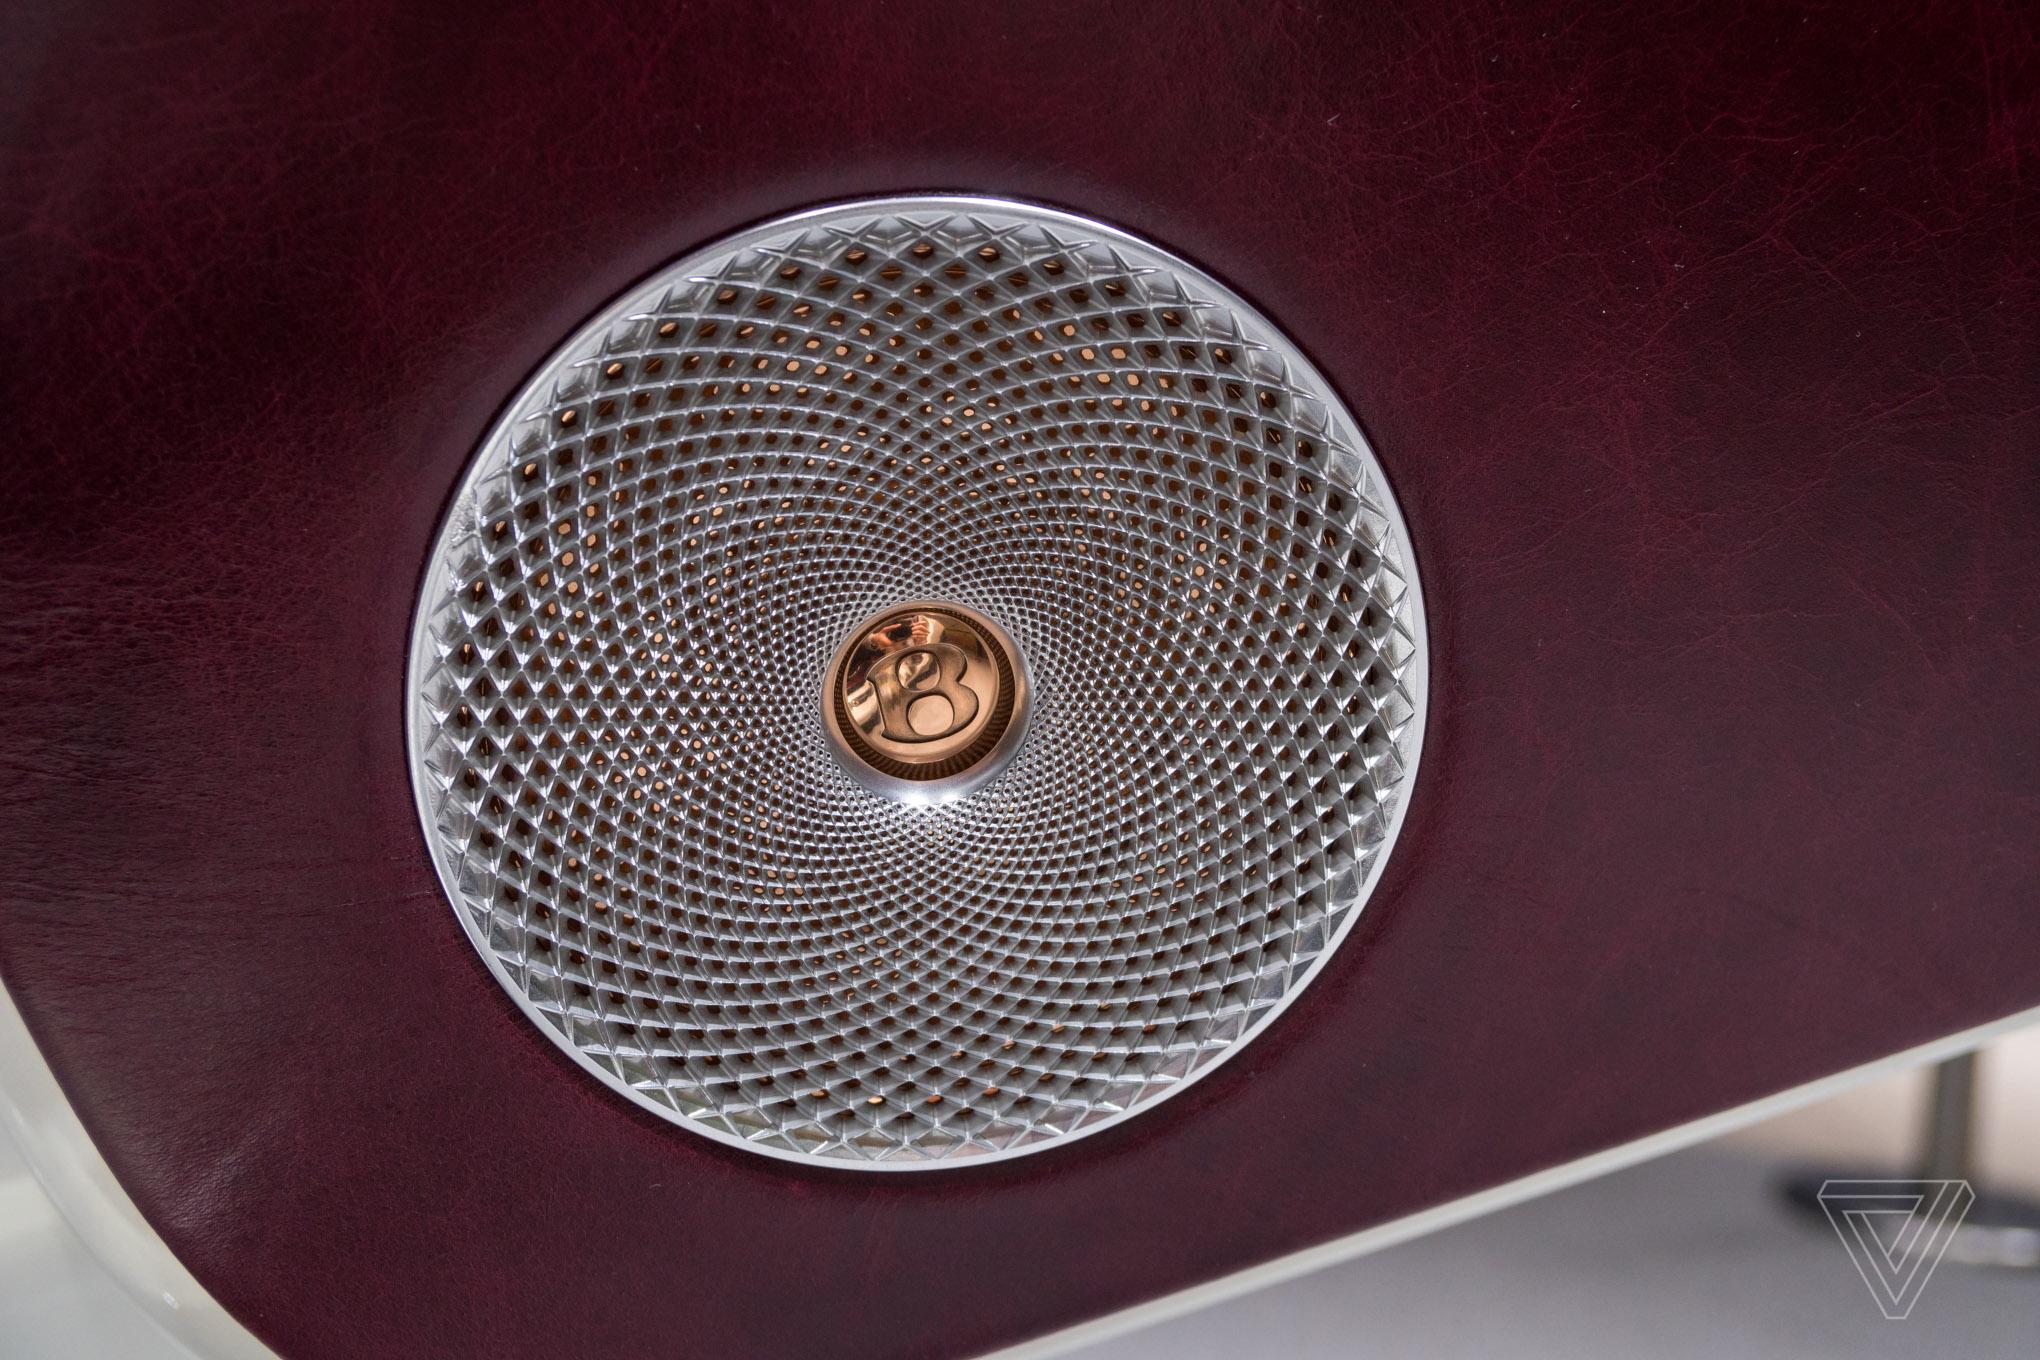 Luxury Vehicle: Bentley Challenges Tesla's Idea Of Electric Luxury With A